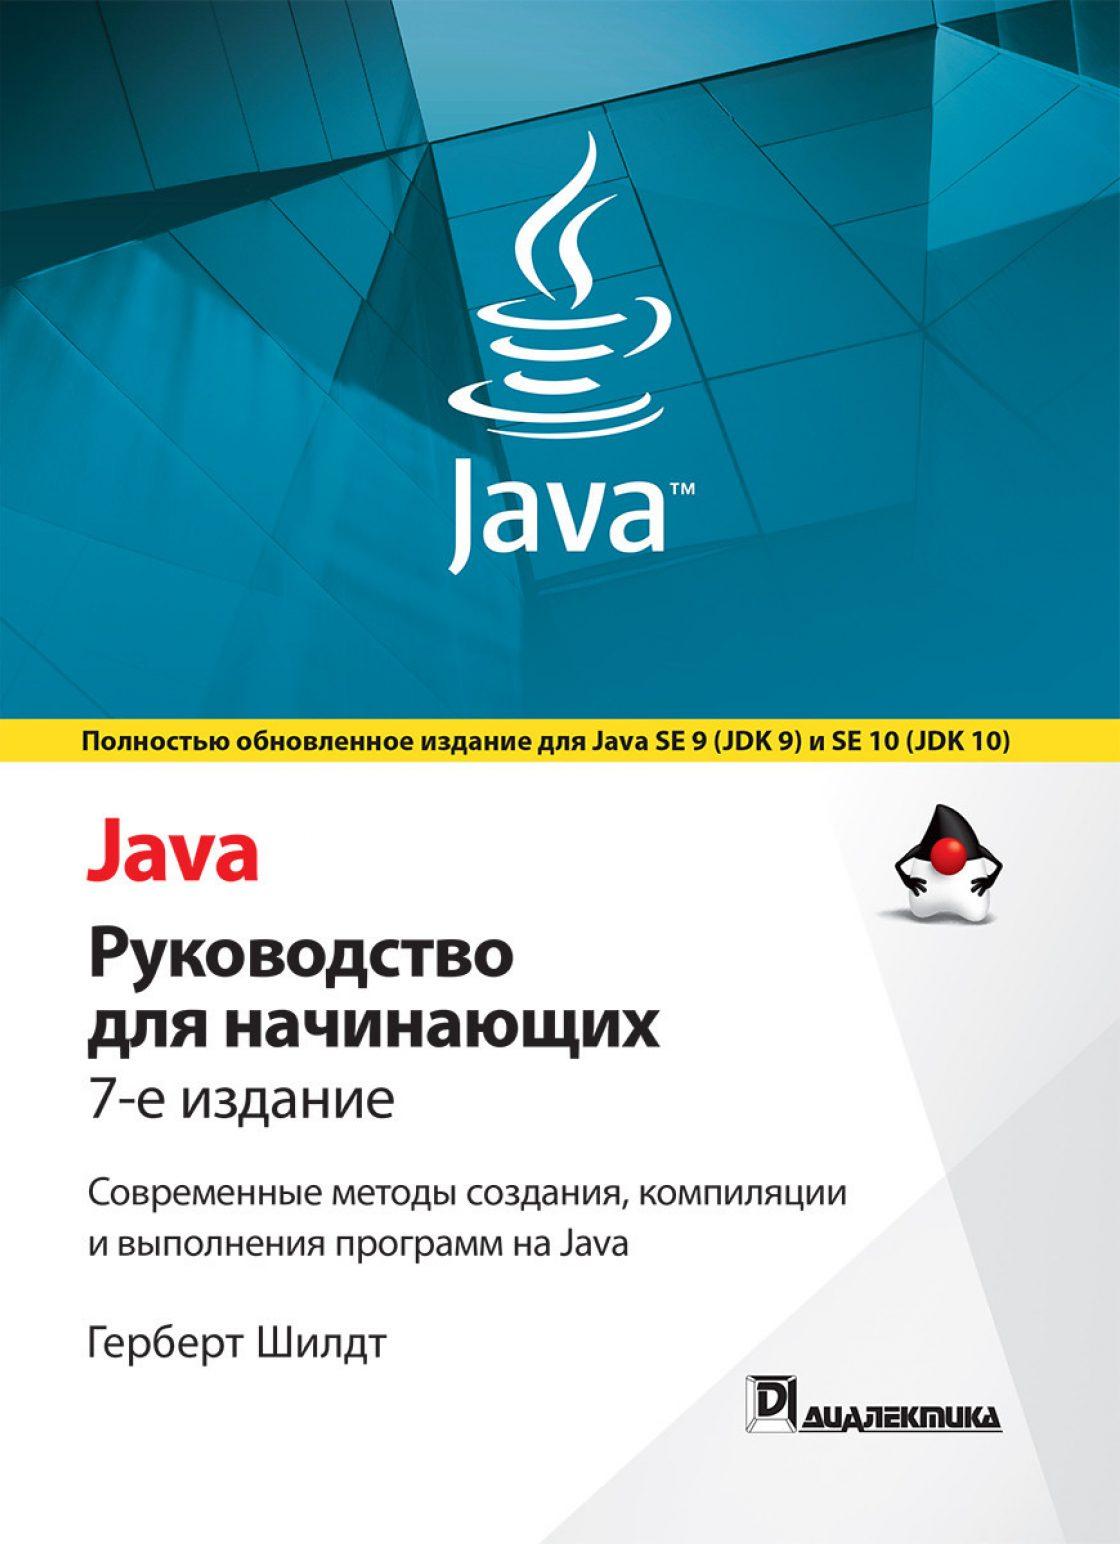 Статьи: Java Materials — как изучать Java самостоятельно.